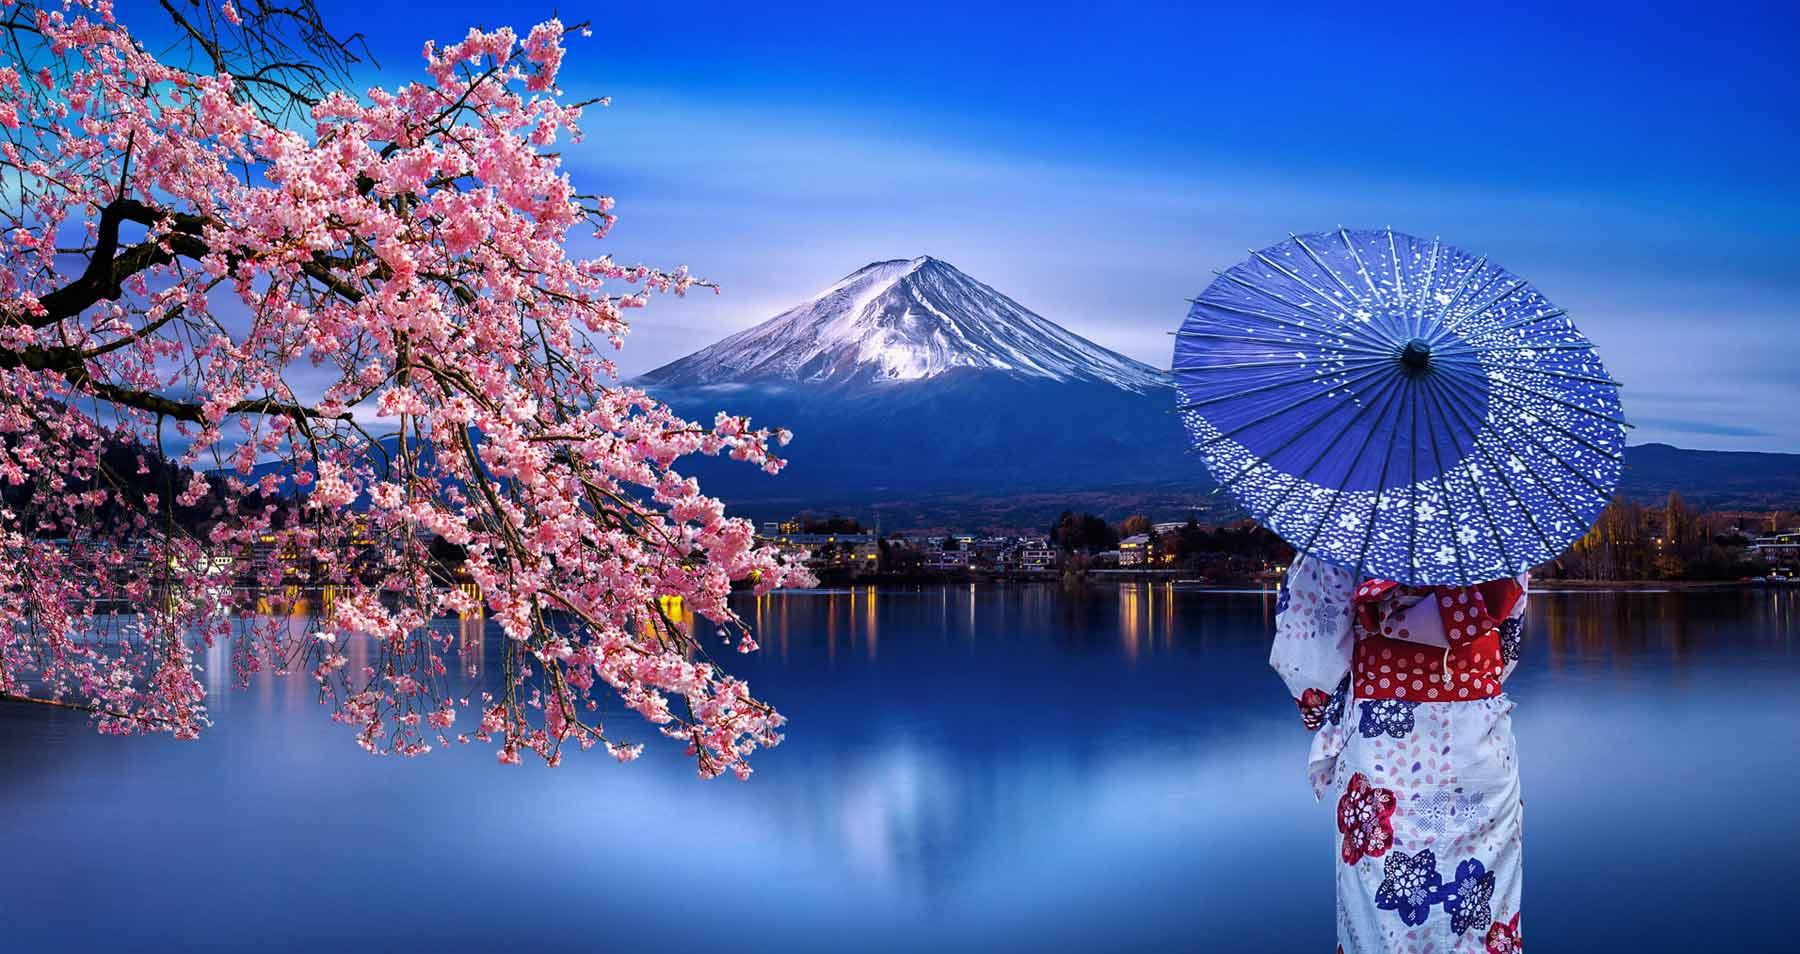 Hokkaido Tours & Travel Information - Japan - Asia Tours